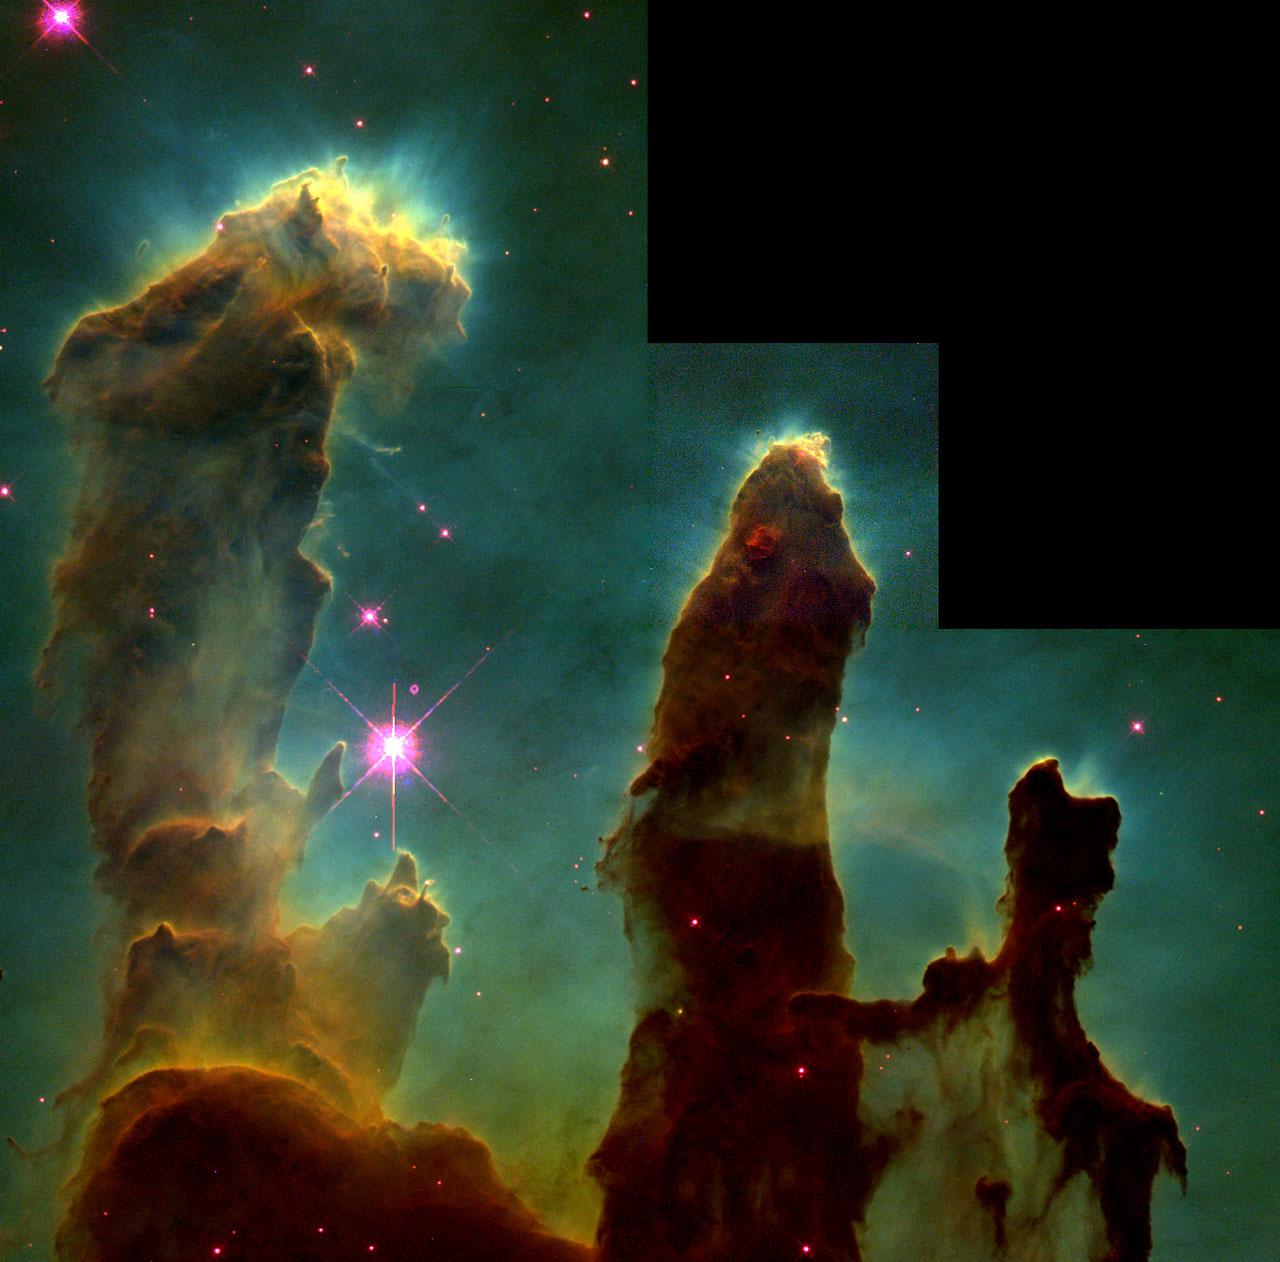 Космический телескоп Хаббл (статья плюс ролик) - 8